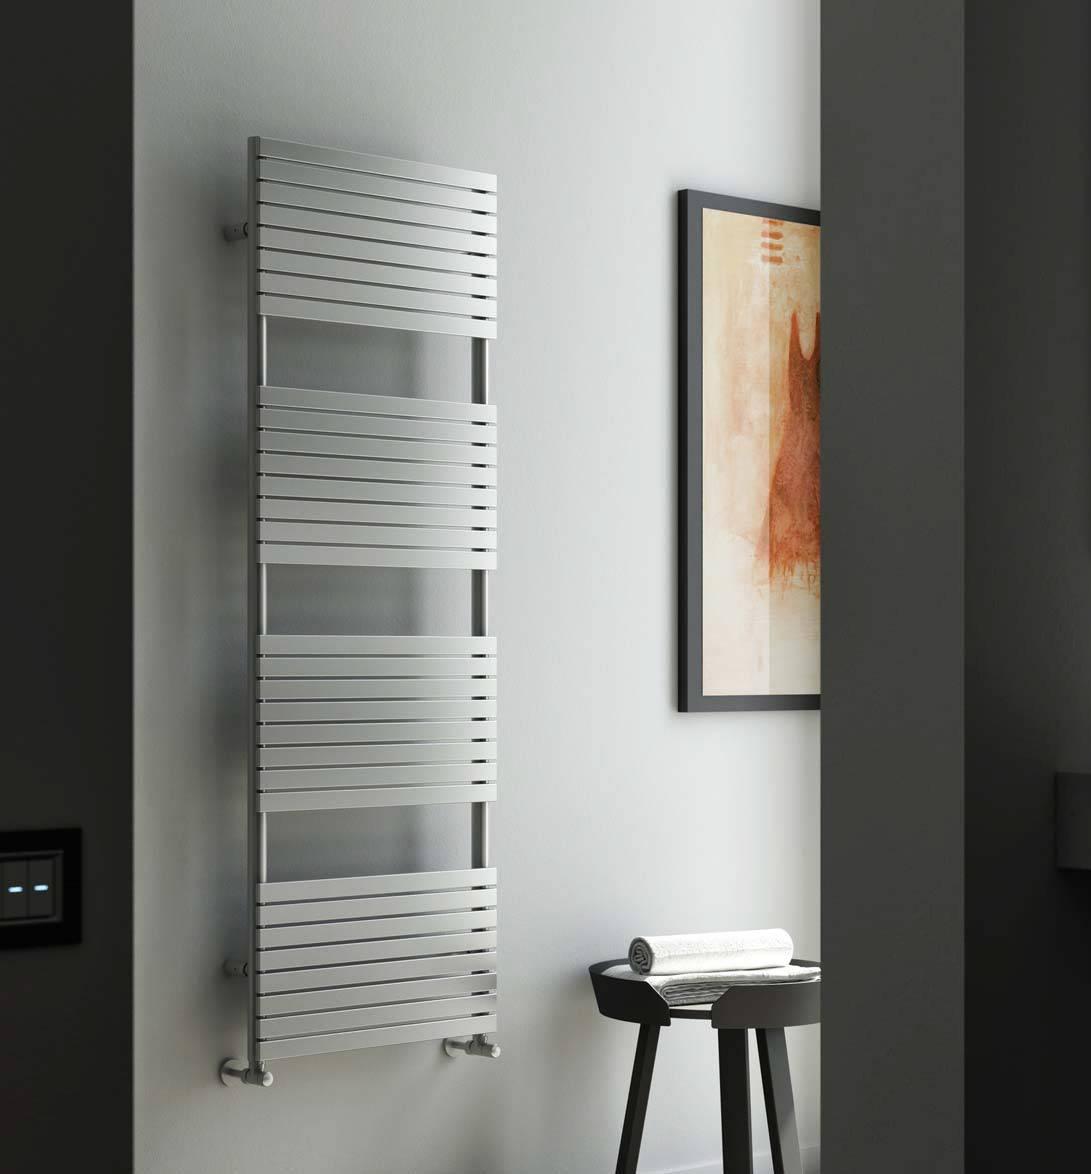 Towel raditor-Heated towel rail-bathroom-stefania-in-stainless-inox-Satin-Cordivari